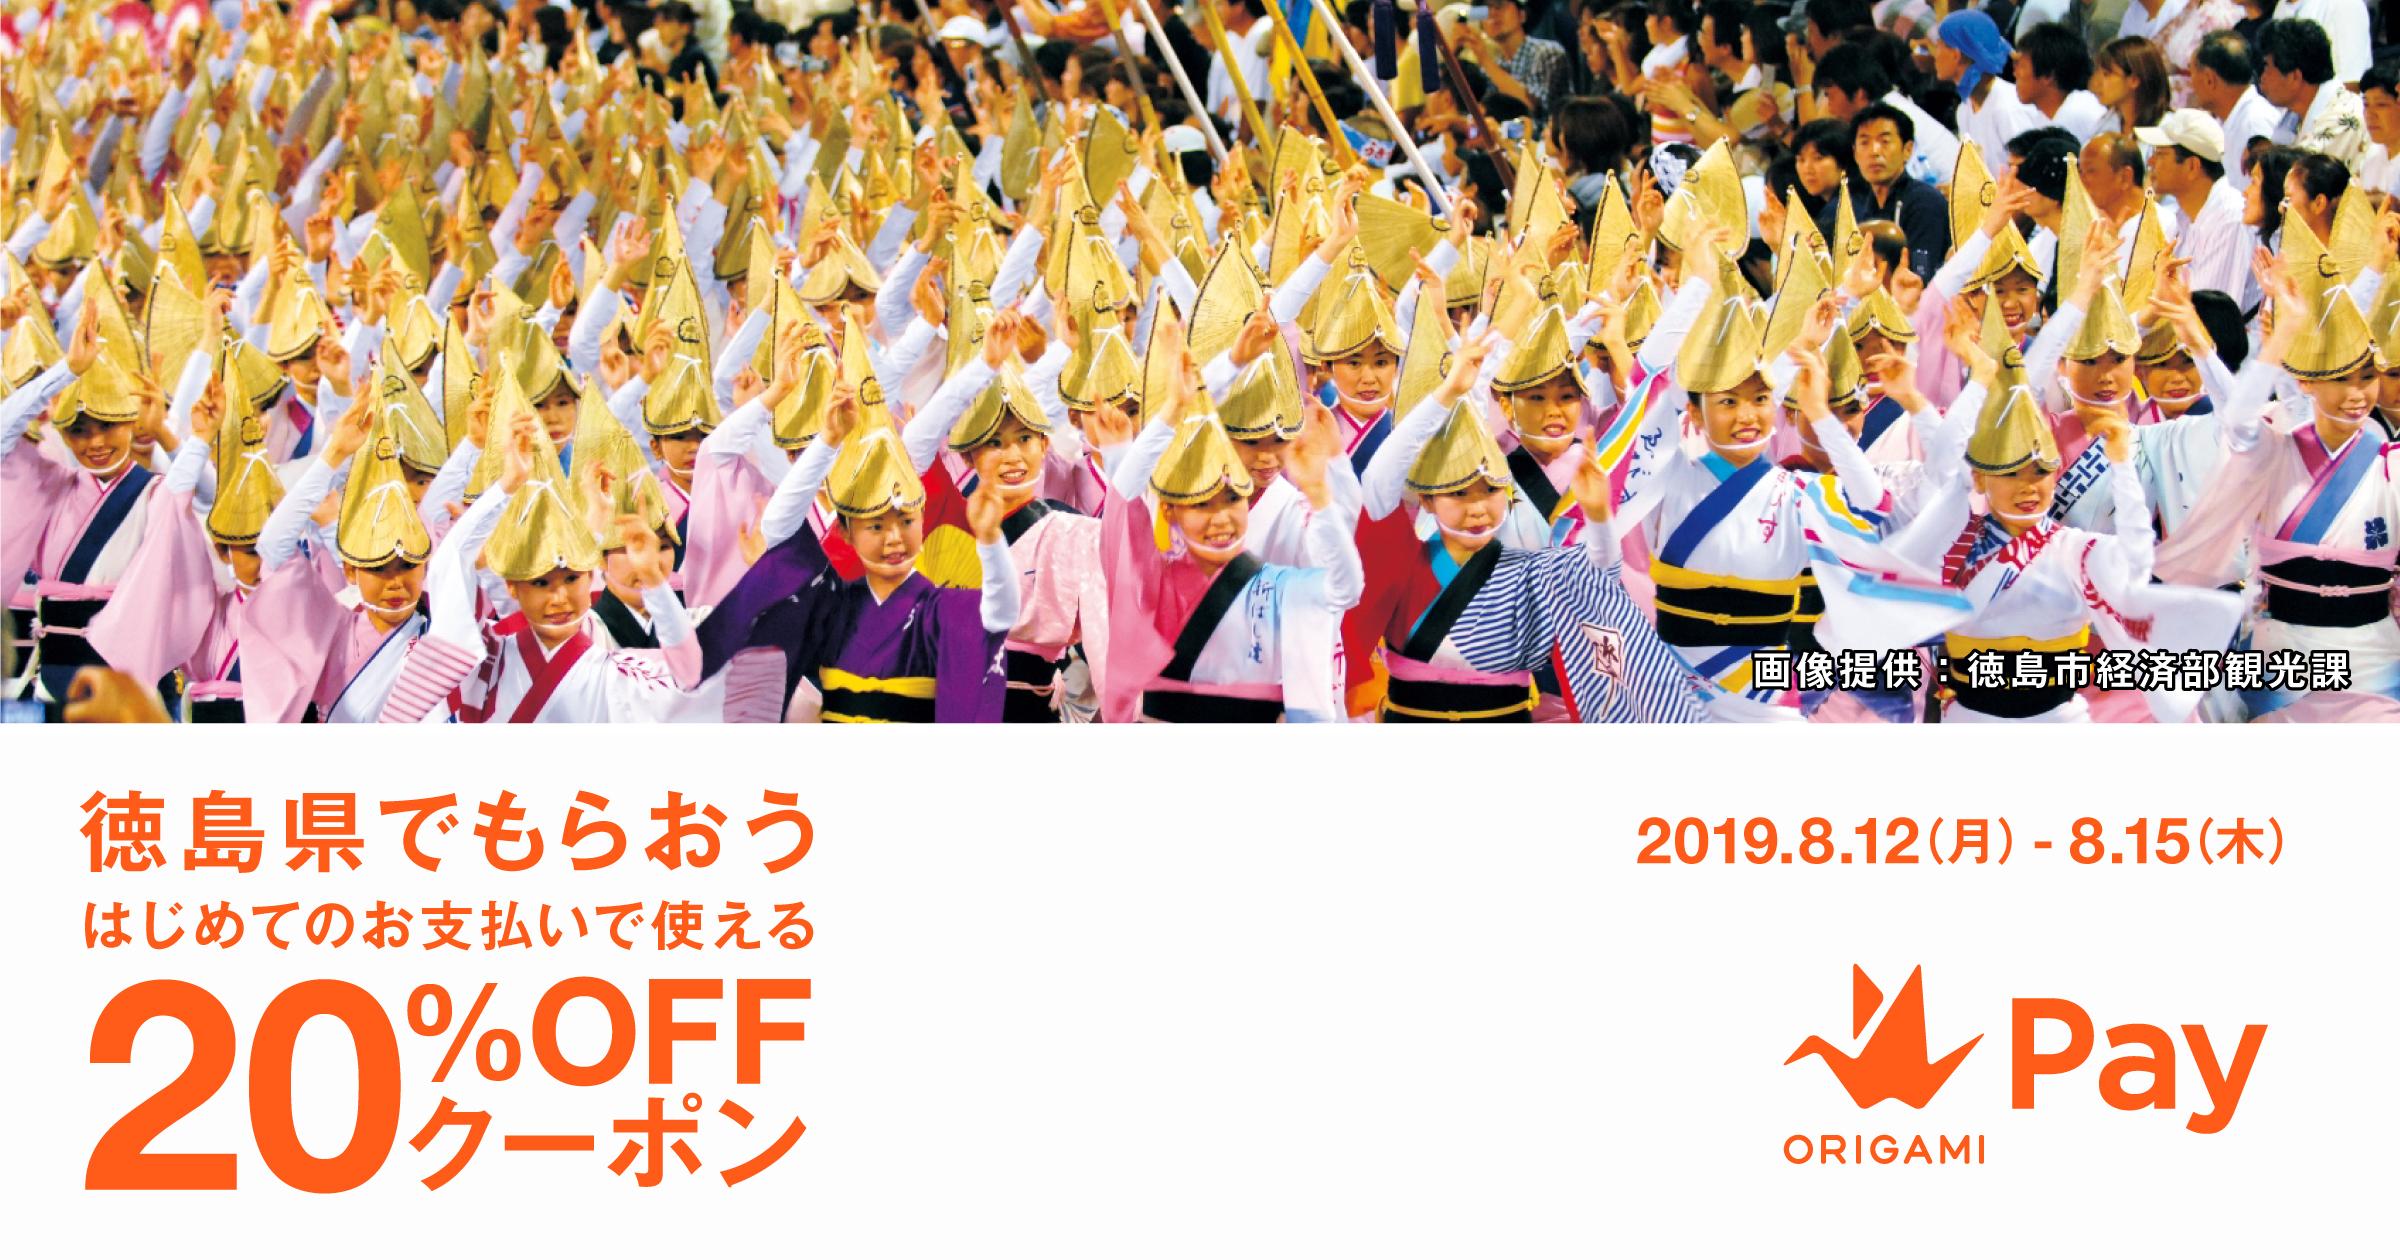 OrigamiPayで徳島県の阿波おどり限定、2500円まで20%OFF。8/12~8/15。